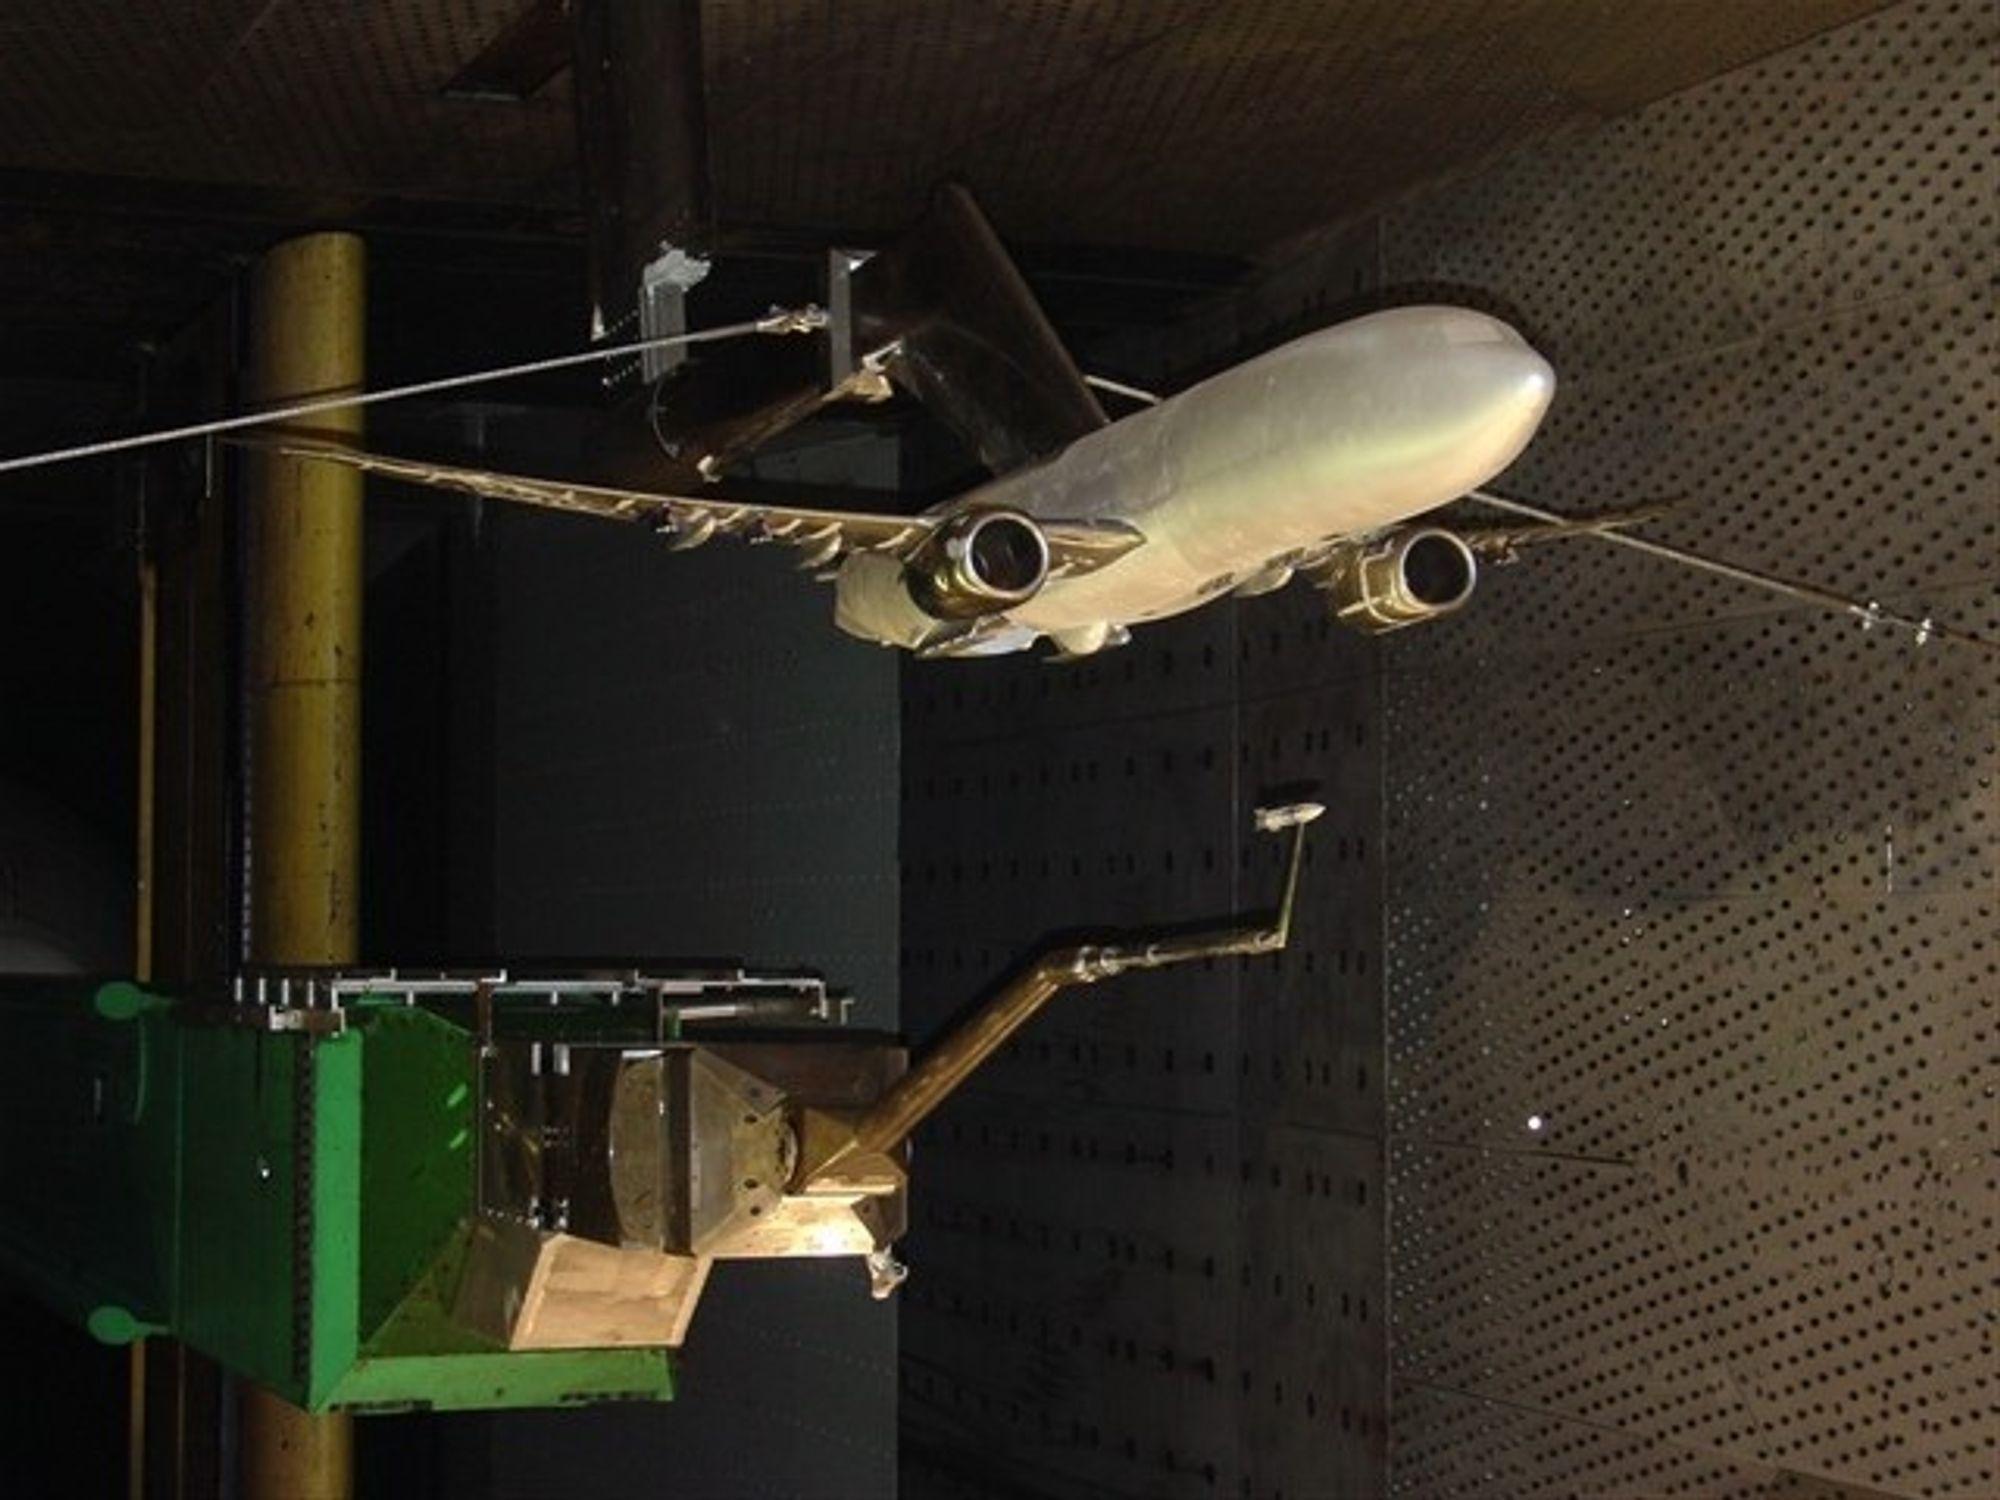 VÆPNET: Her er vindtunnelmodellen av en Boeing 737-800 fullt utstyrt med miner, torpedoer og missiler. Det er ikke SAS som går nye veier men US Navy som ønsker seg en ny ubåtjeger.